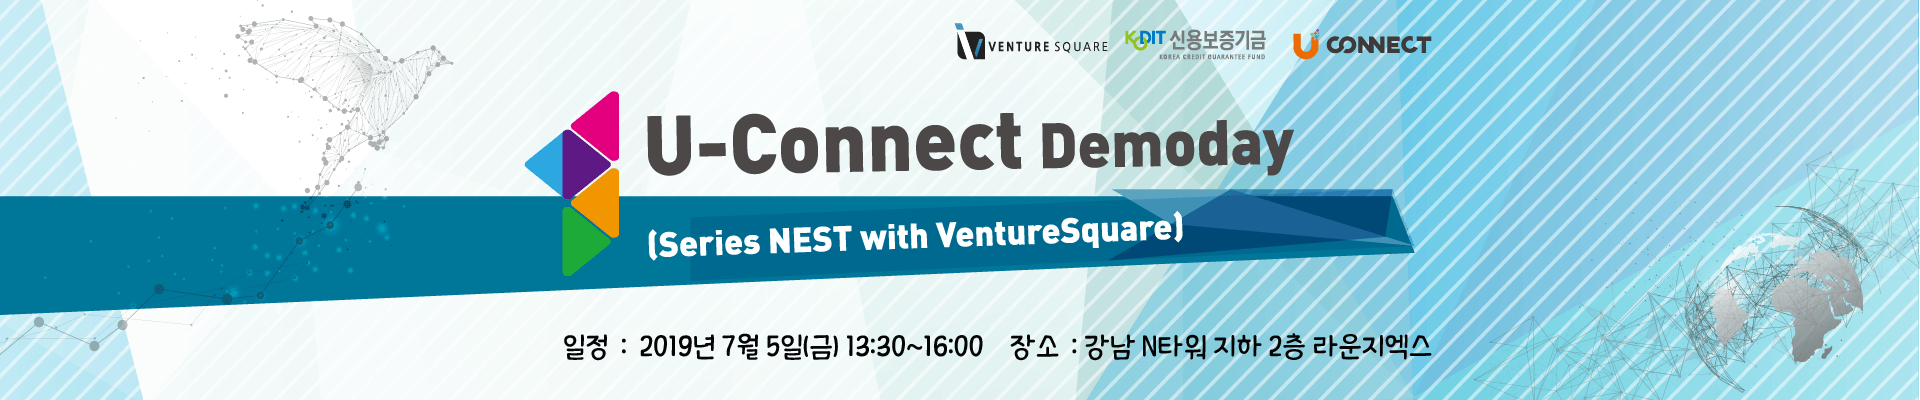 이벤터스_U-Connect Demoday (Series NEST with VentureSquare)